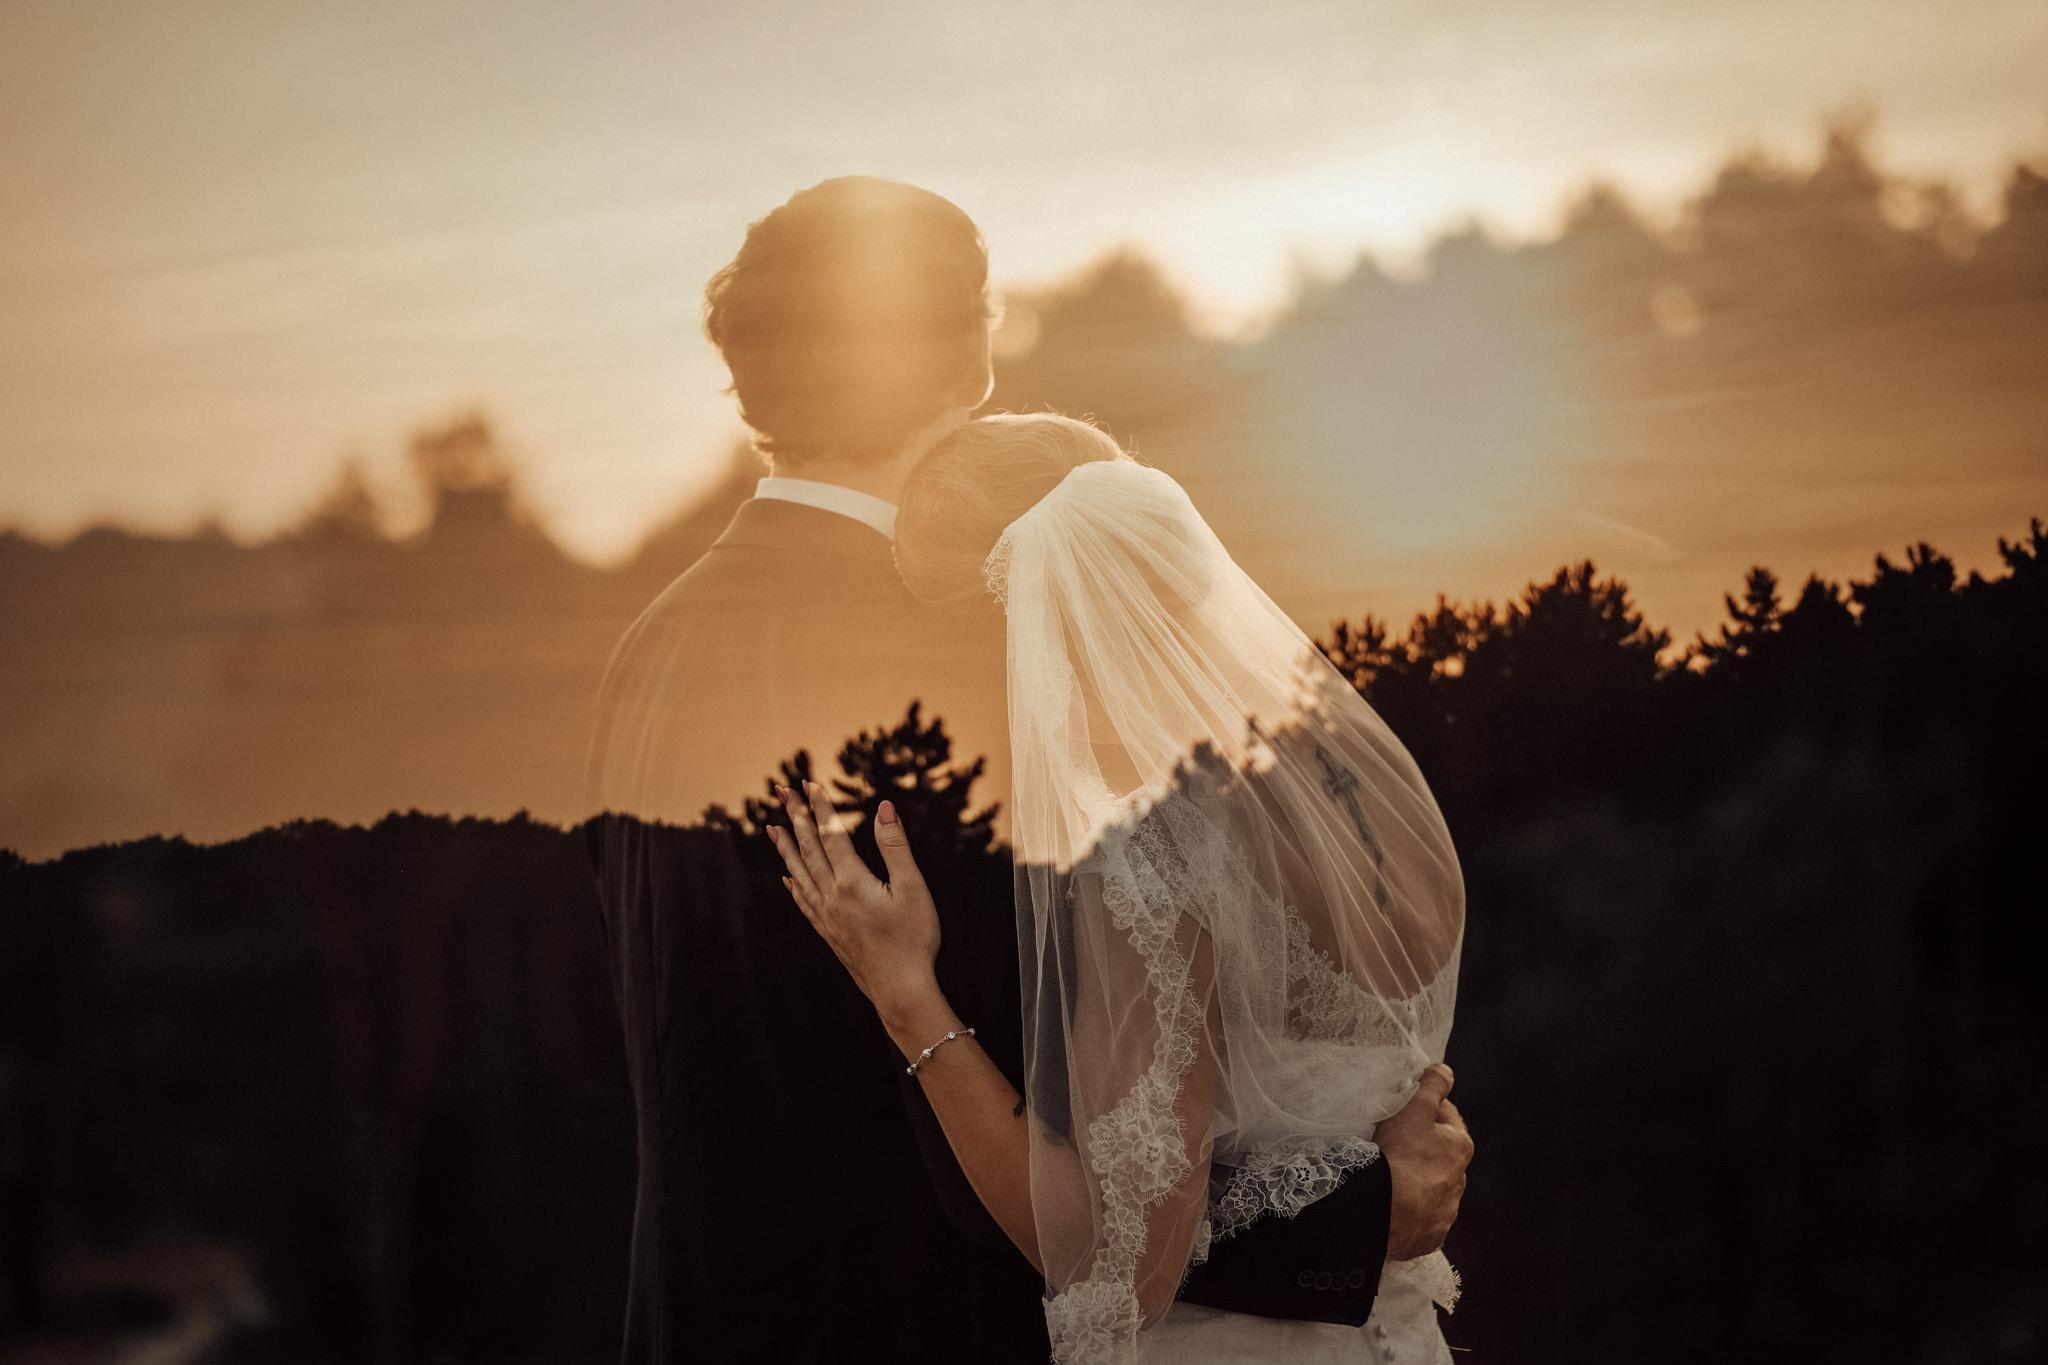 Hochzeit-Aachen-Köln-NRW-Hochzeitsfotograf-Coburg-Hochzeitsfoto-Paarshooting-FujiX-Dobbelbelichtung.jpg